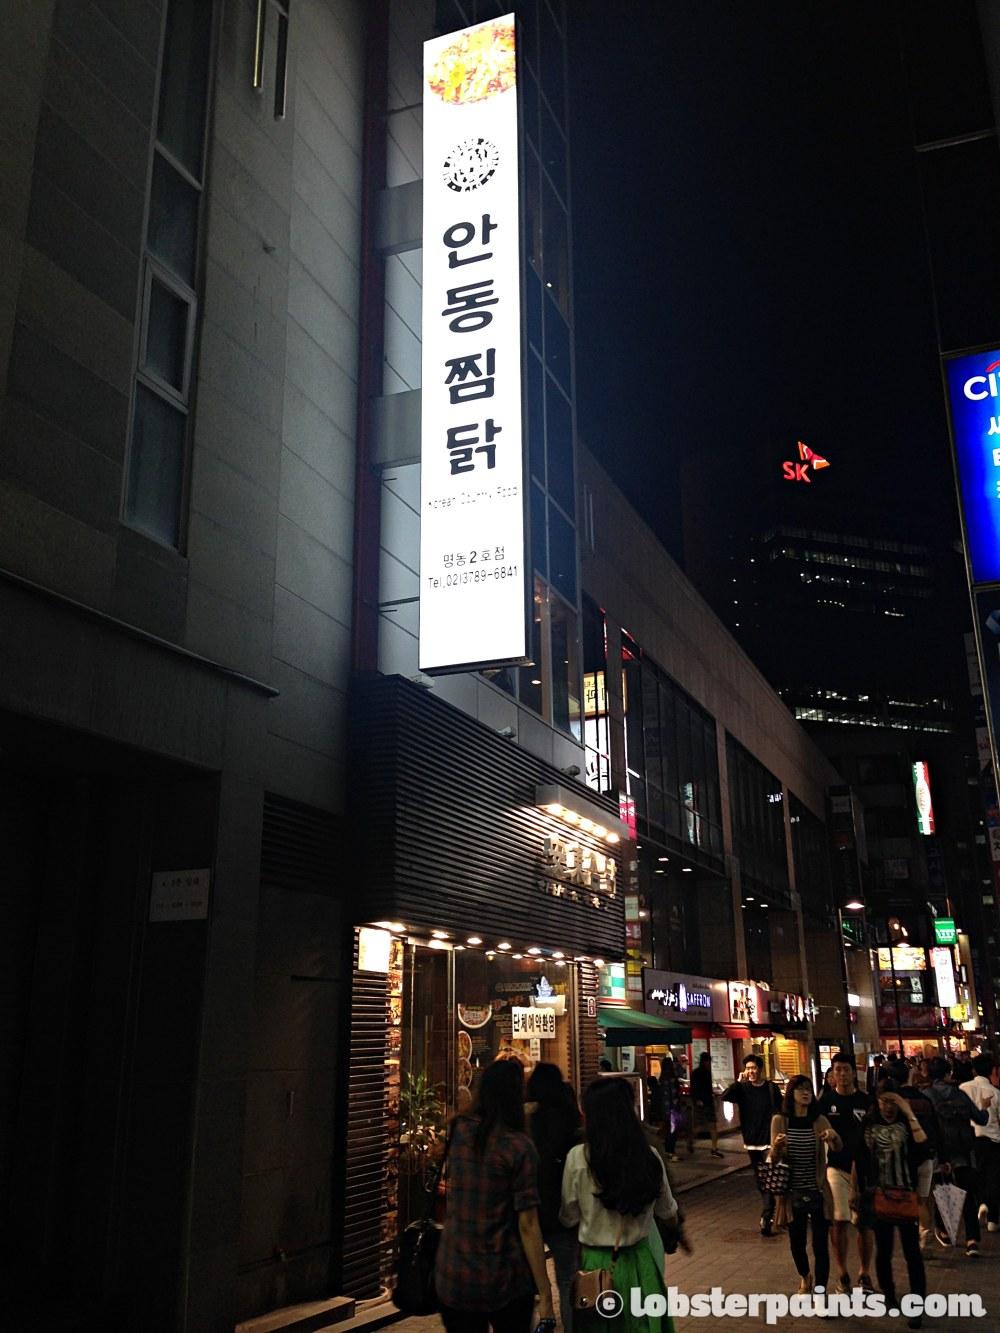 29 Sep 2014: Andong Jjimdak 안동찜닭 @ Myeongdong   Seoul, South Korea